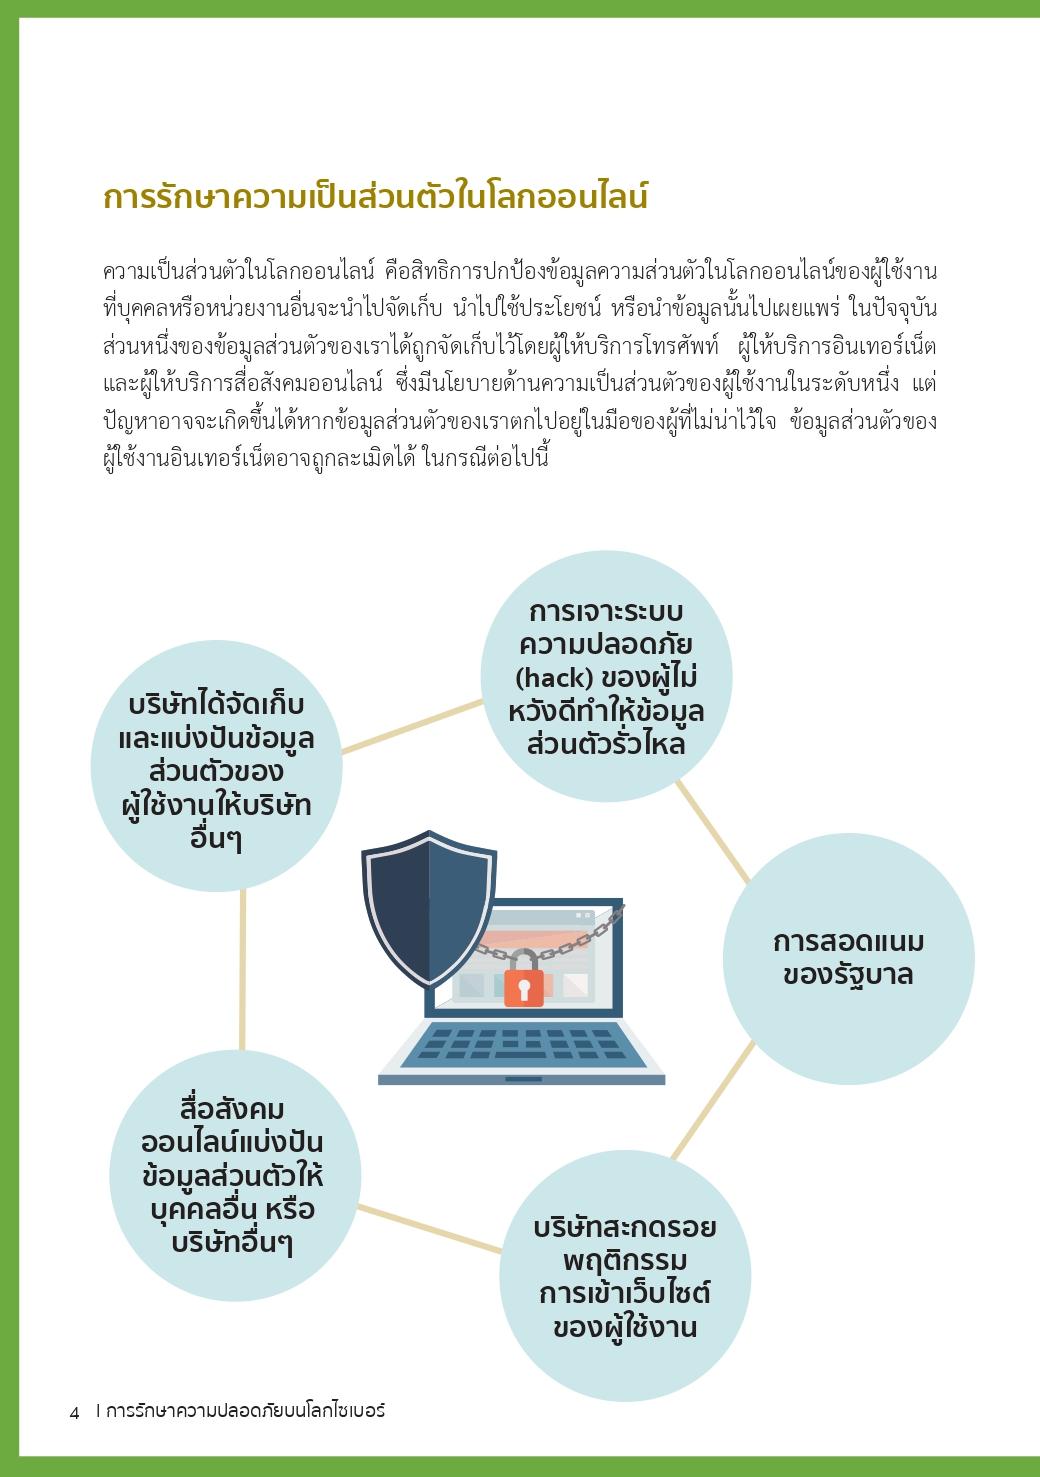 การรักษาความปลอดภัยบนโลกไซเบอร์ (Cybersecurity)